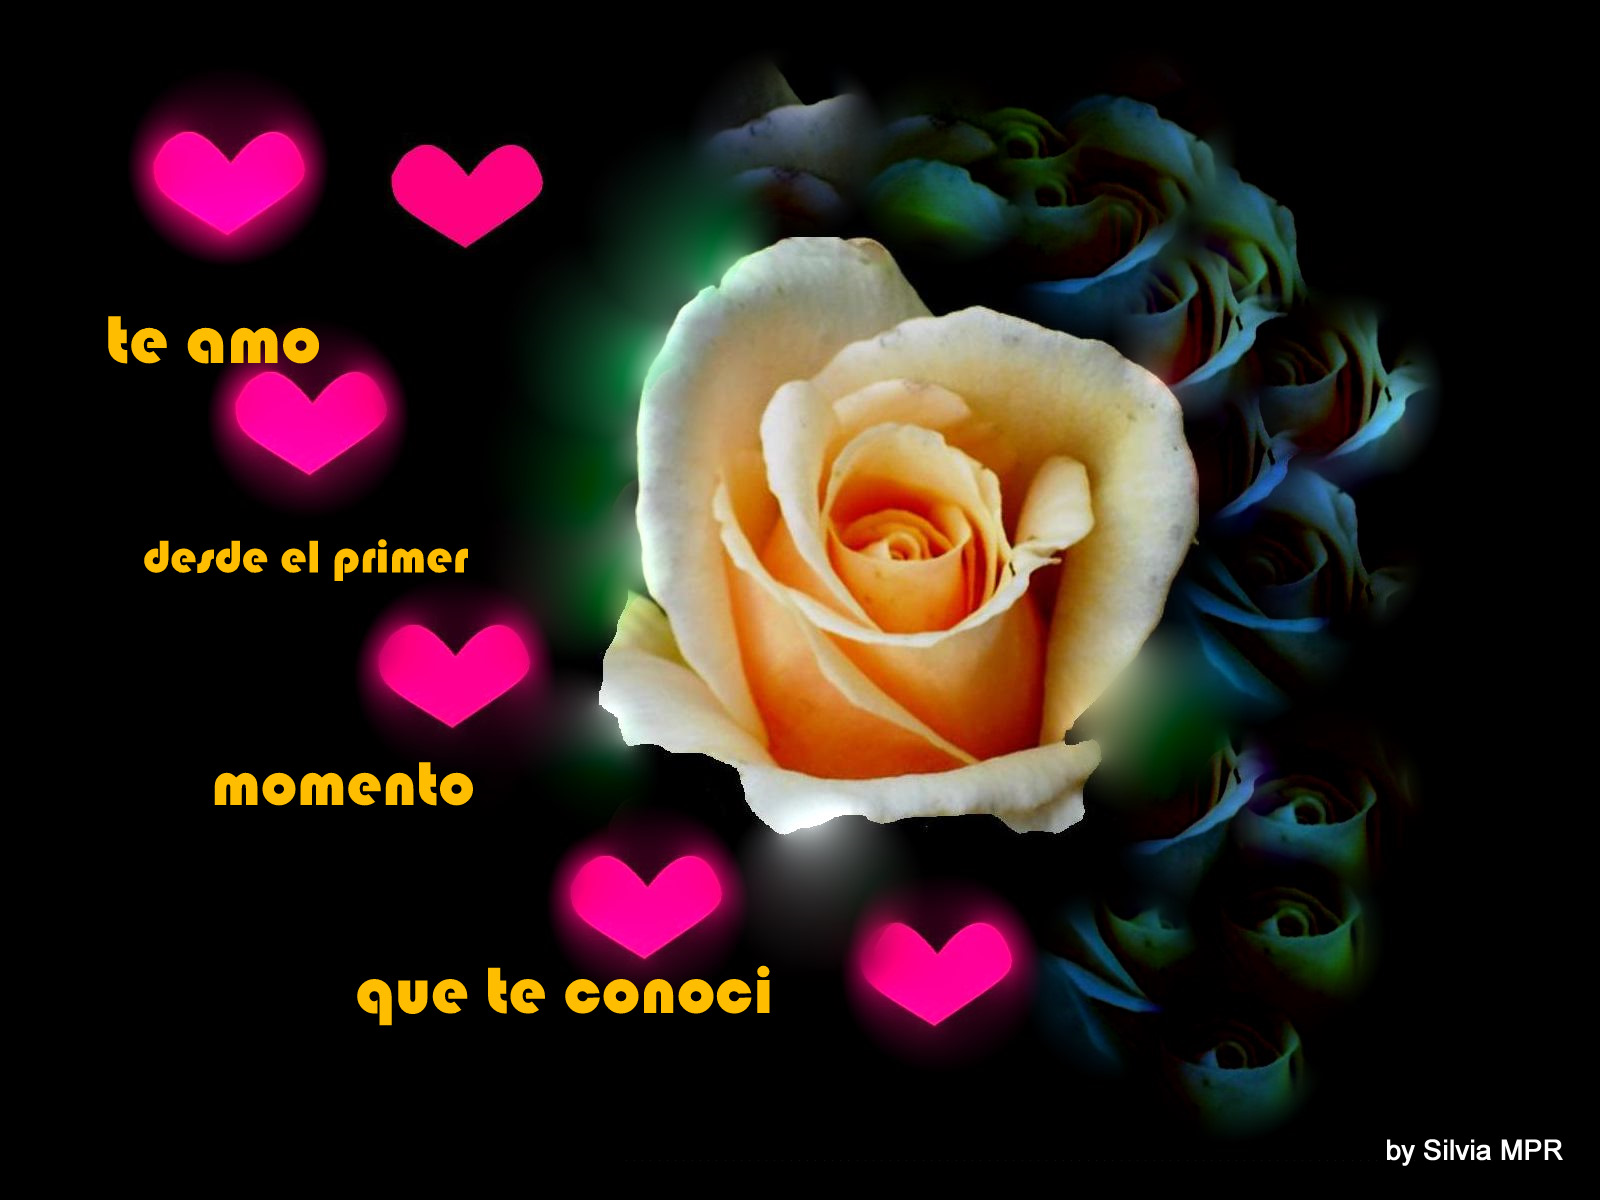 Imágenes de amor con rosas y corazones - Imágenes de Amor